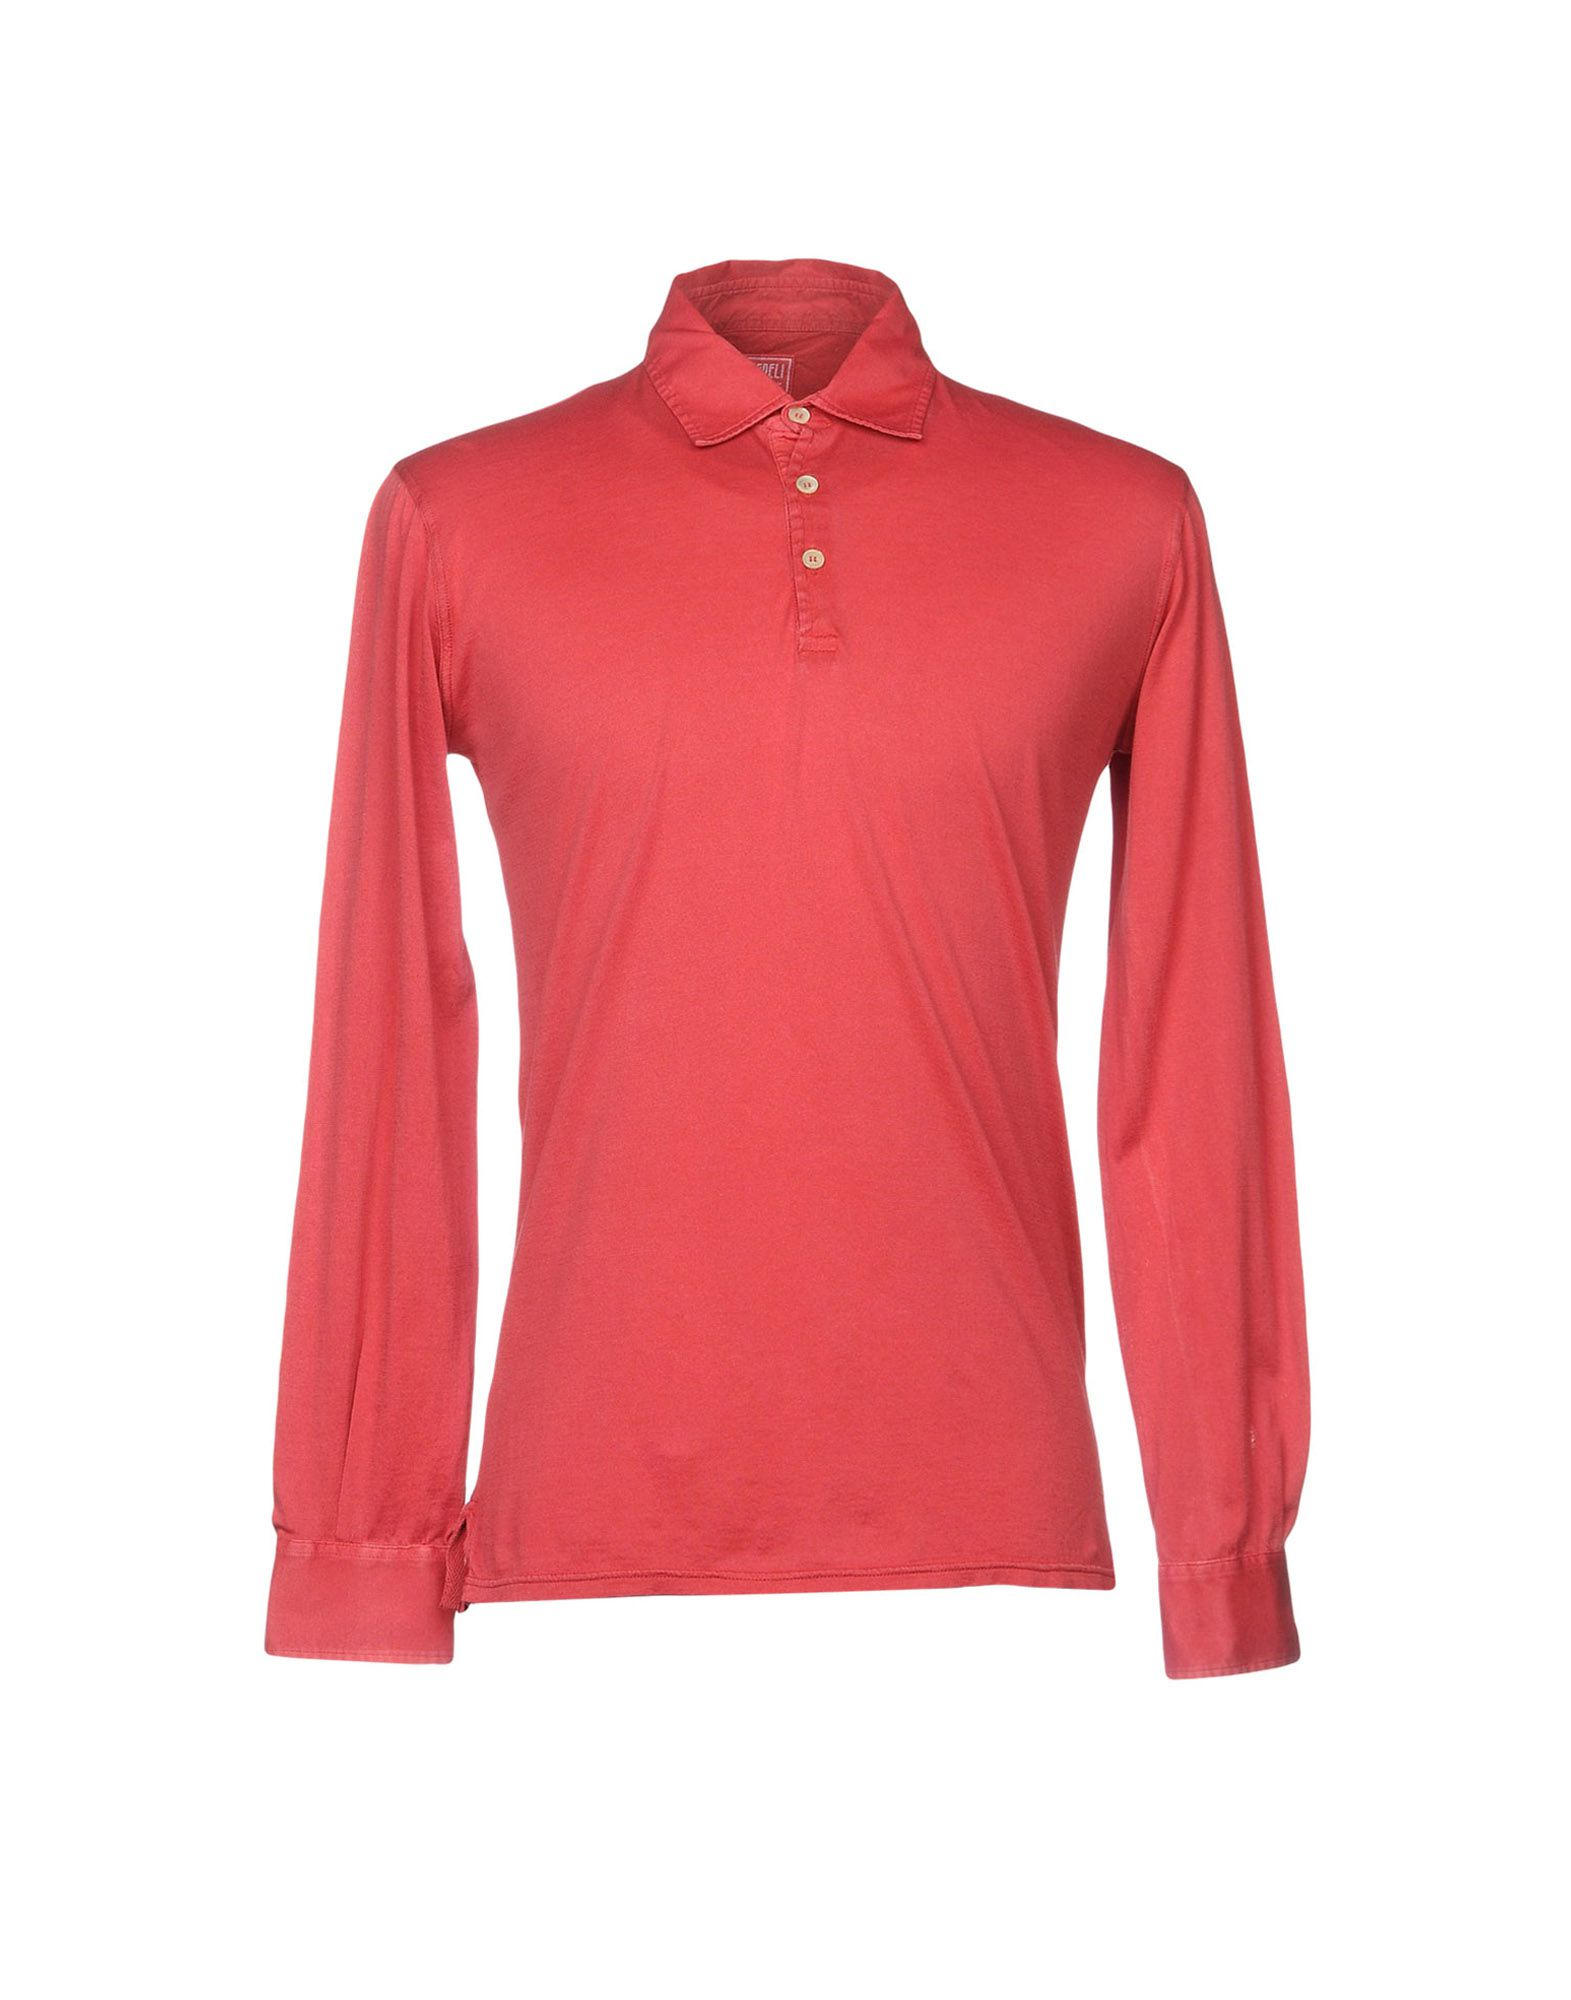 FEDELI メンズ ポロシャツ レッド 48 コットン 100%